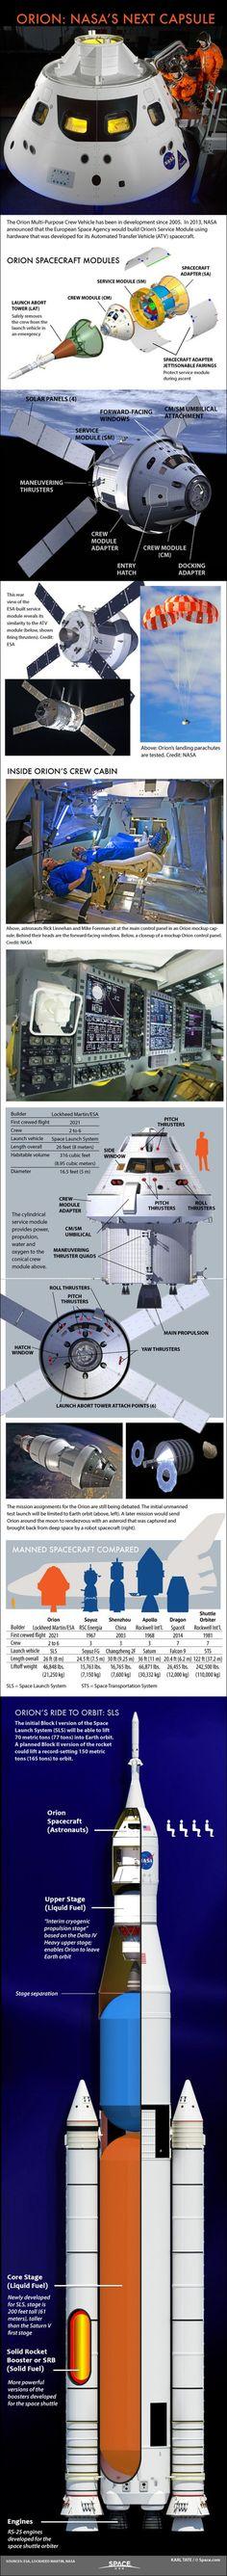 Orion, la próxima cápsula de la NASA